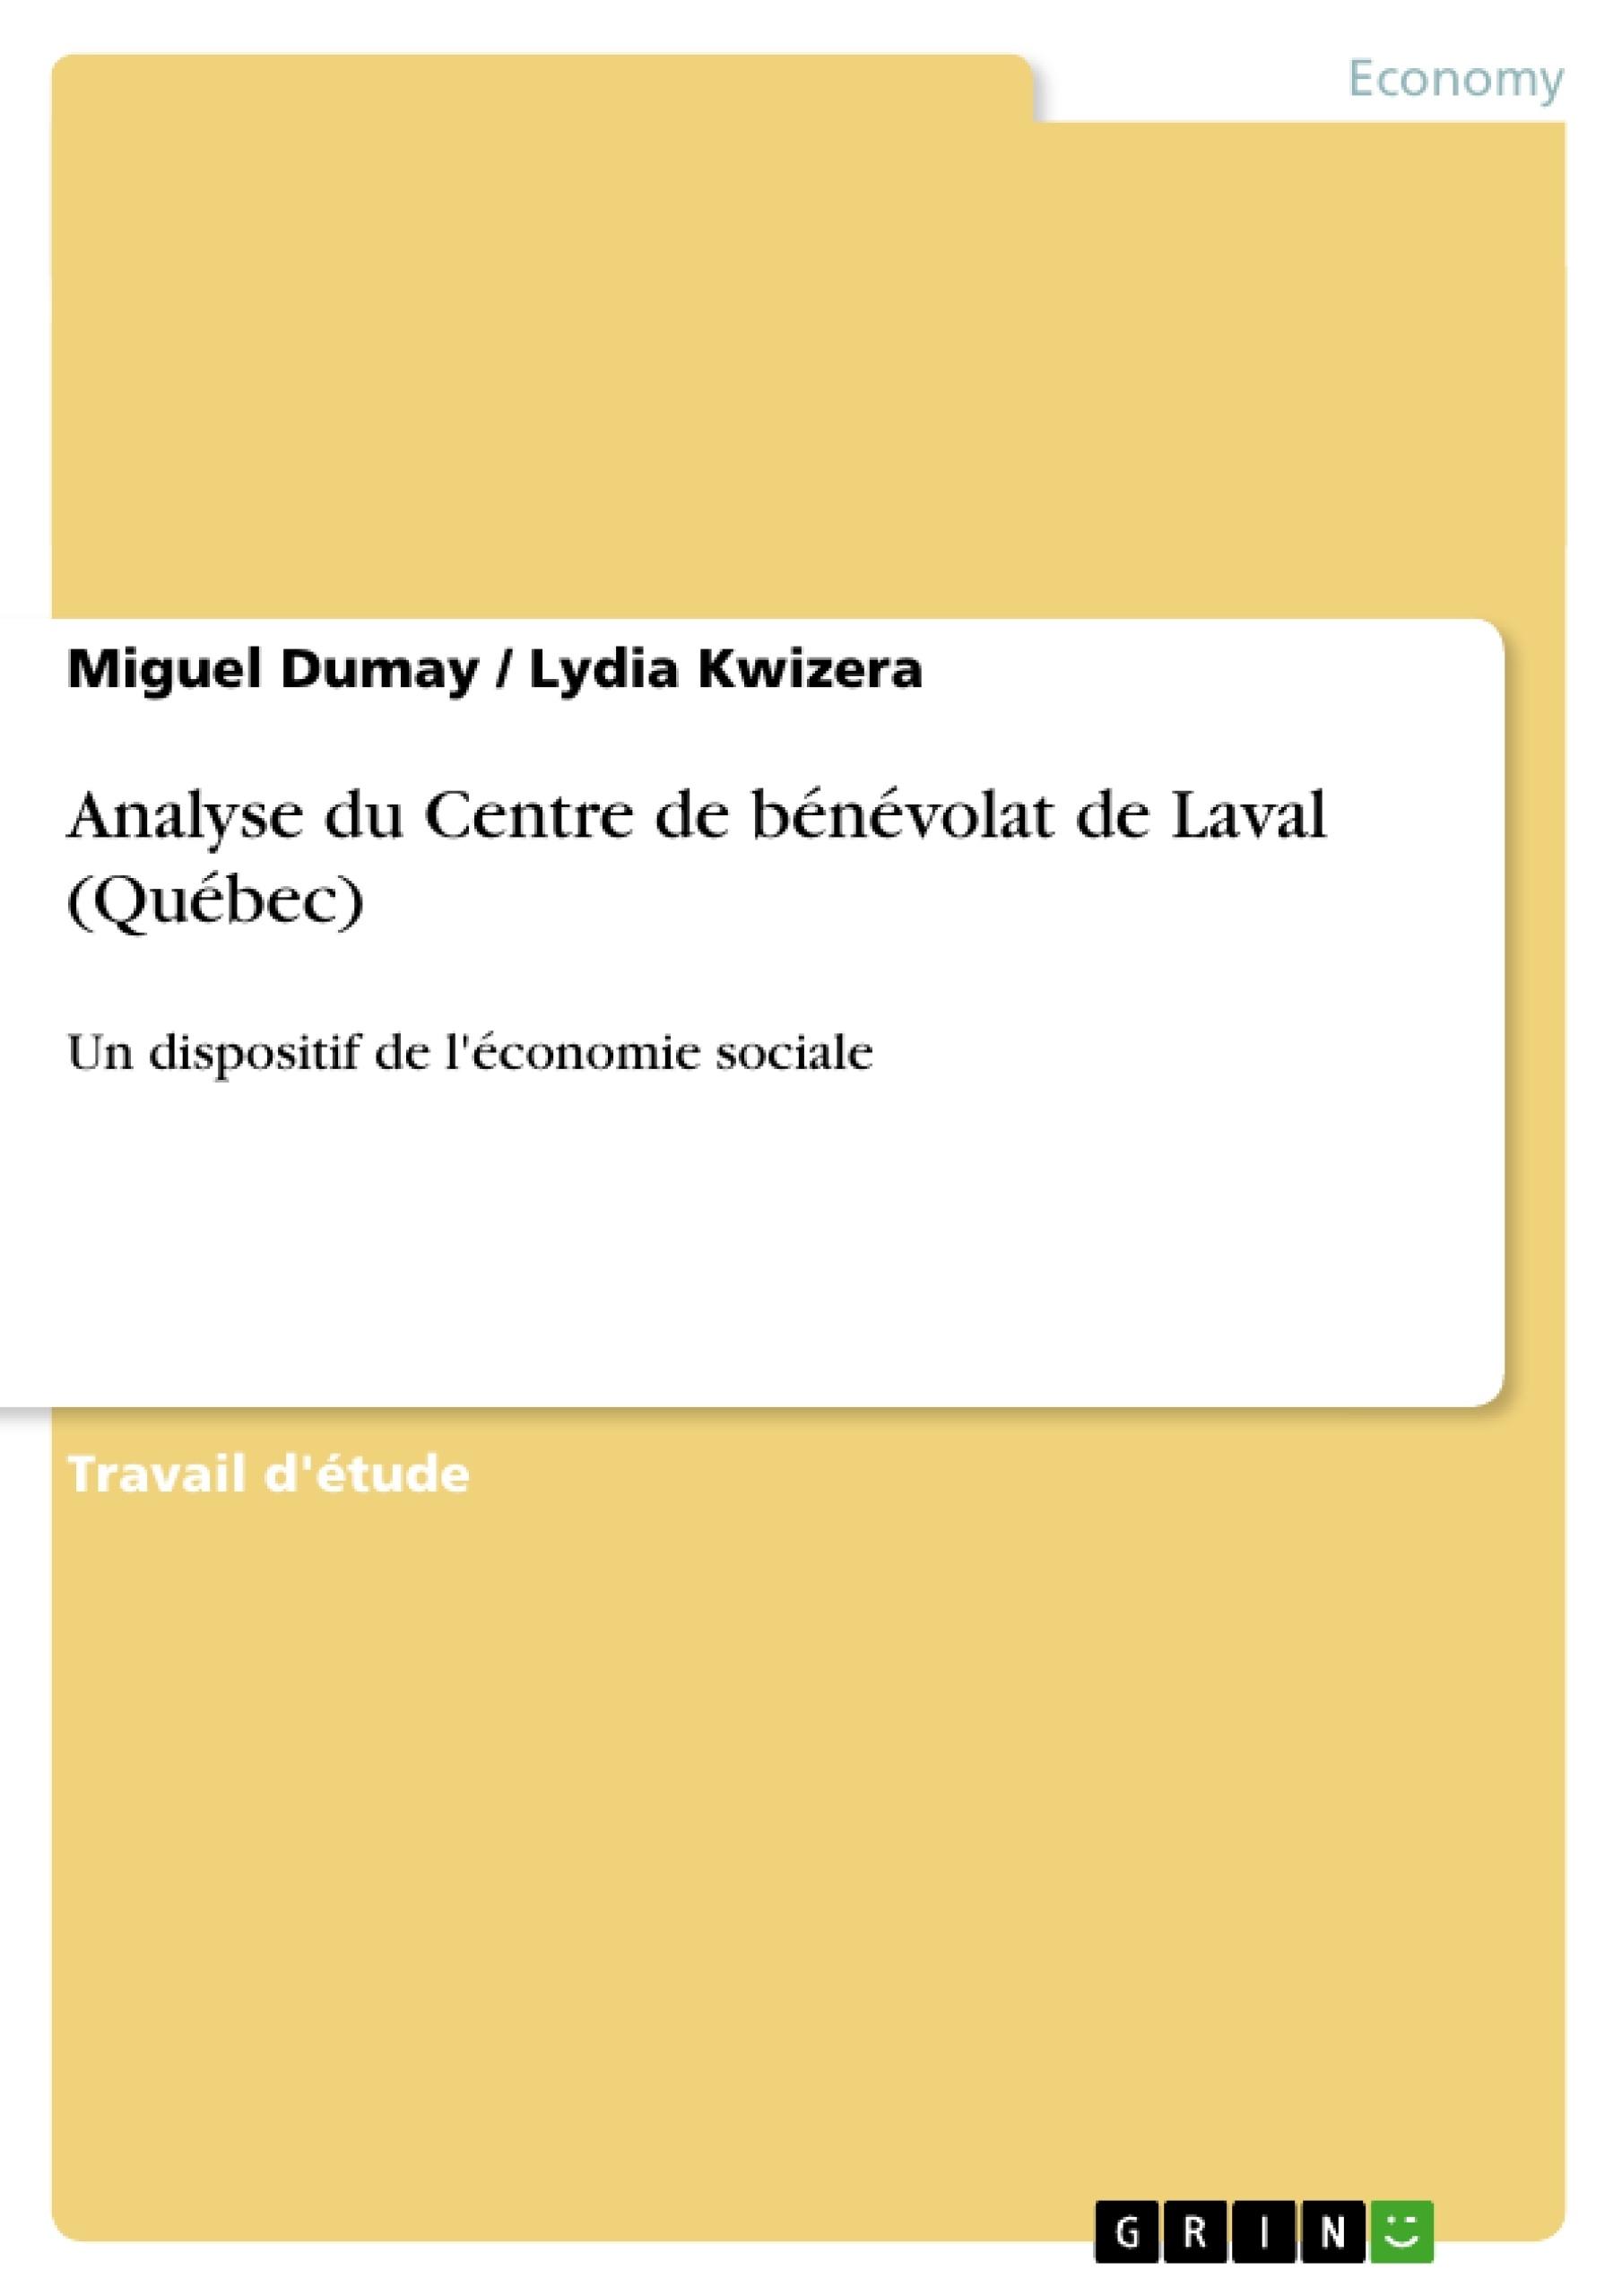 Titre: Analyse du Centre de bénévolat de Laval (Québec)